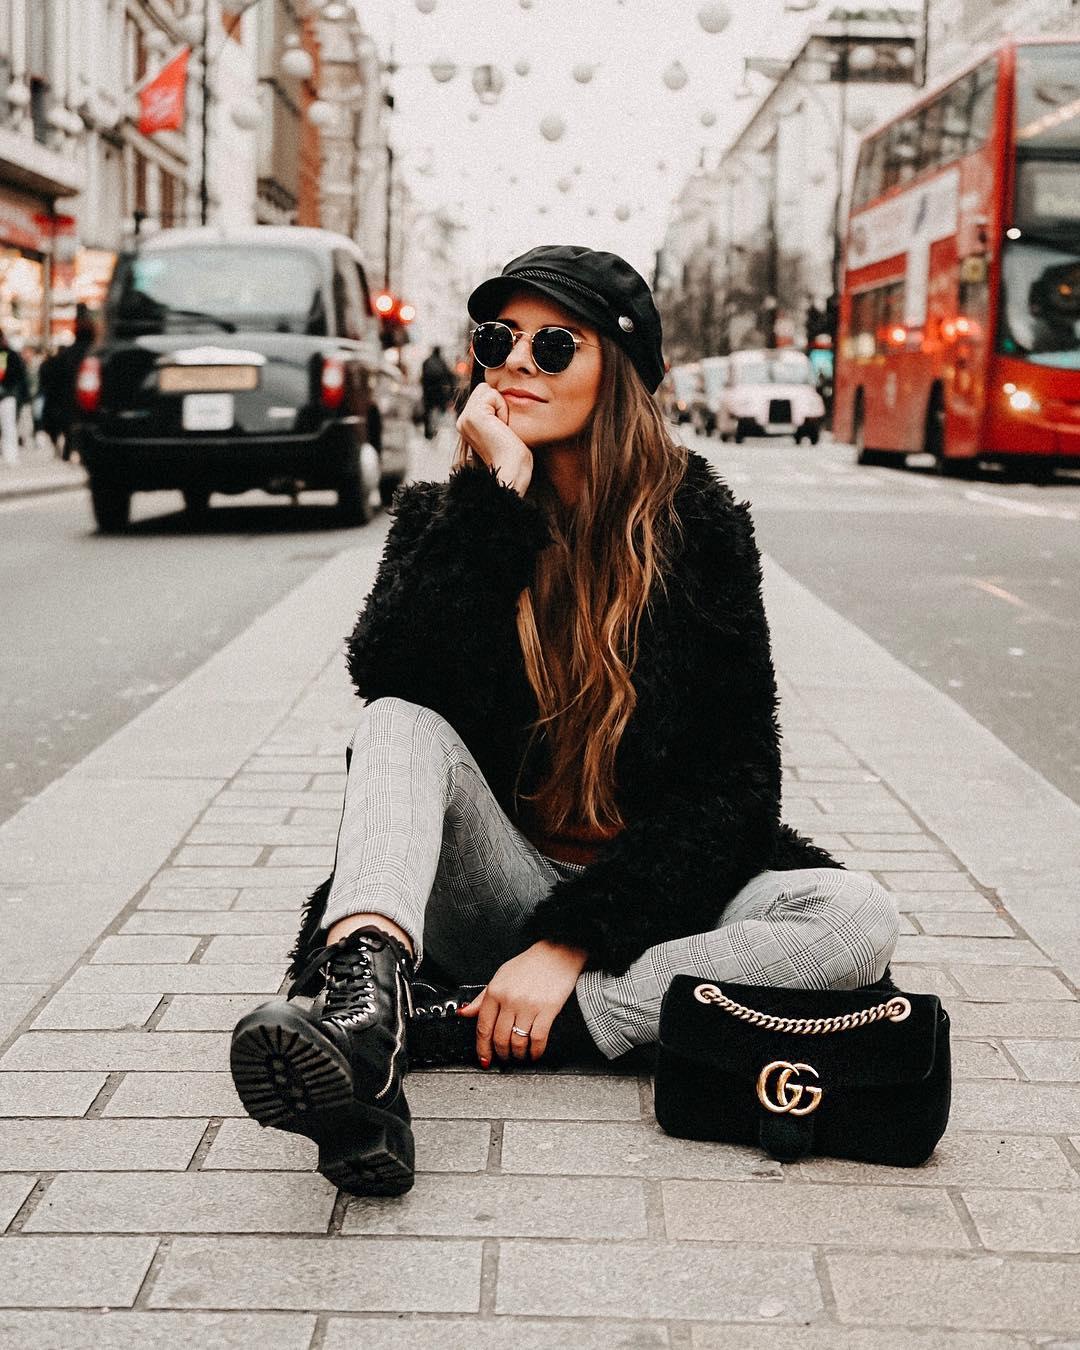 micro stud leather biker ankle boots de Zara sur materialisticsuicide